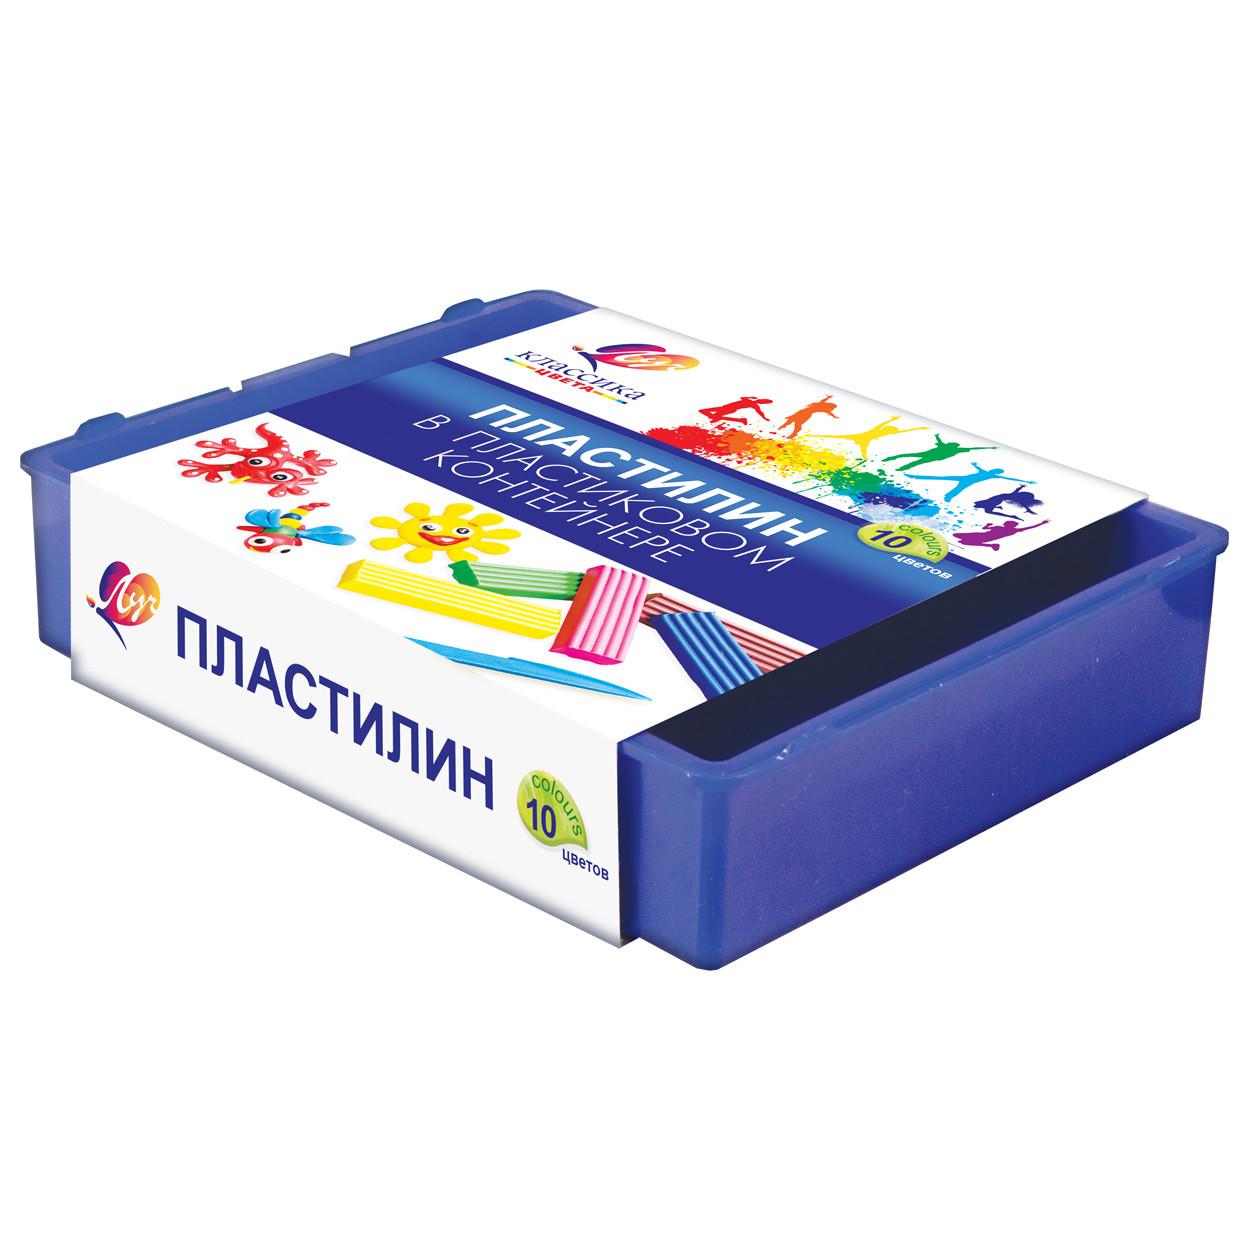 """Пластилин Луч """"Классика"""" 10цв. 200г. со стеком 7С304-08"""